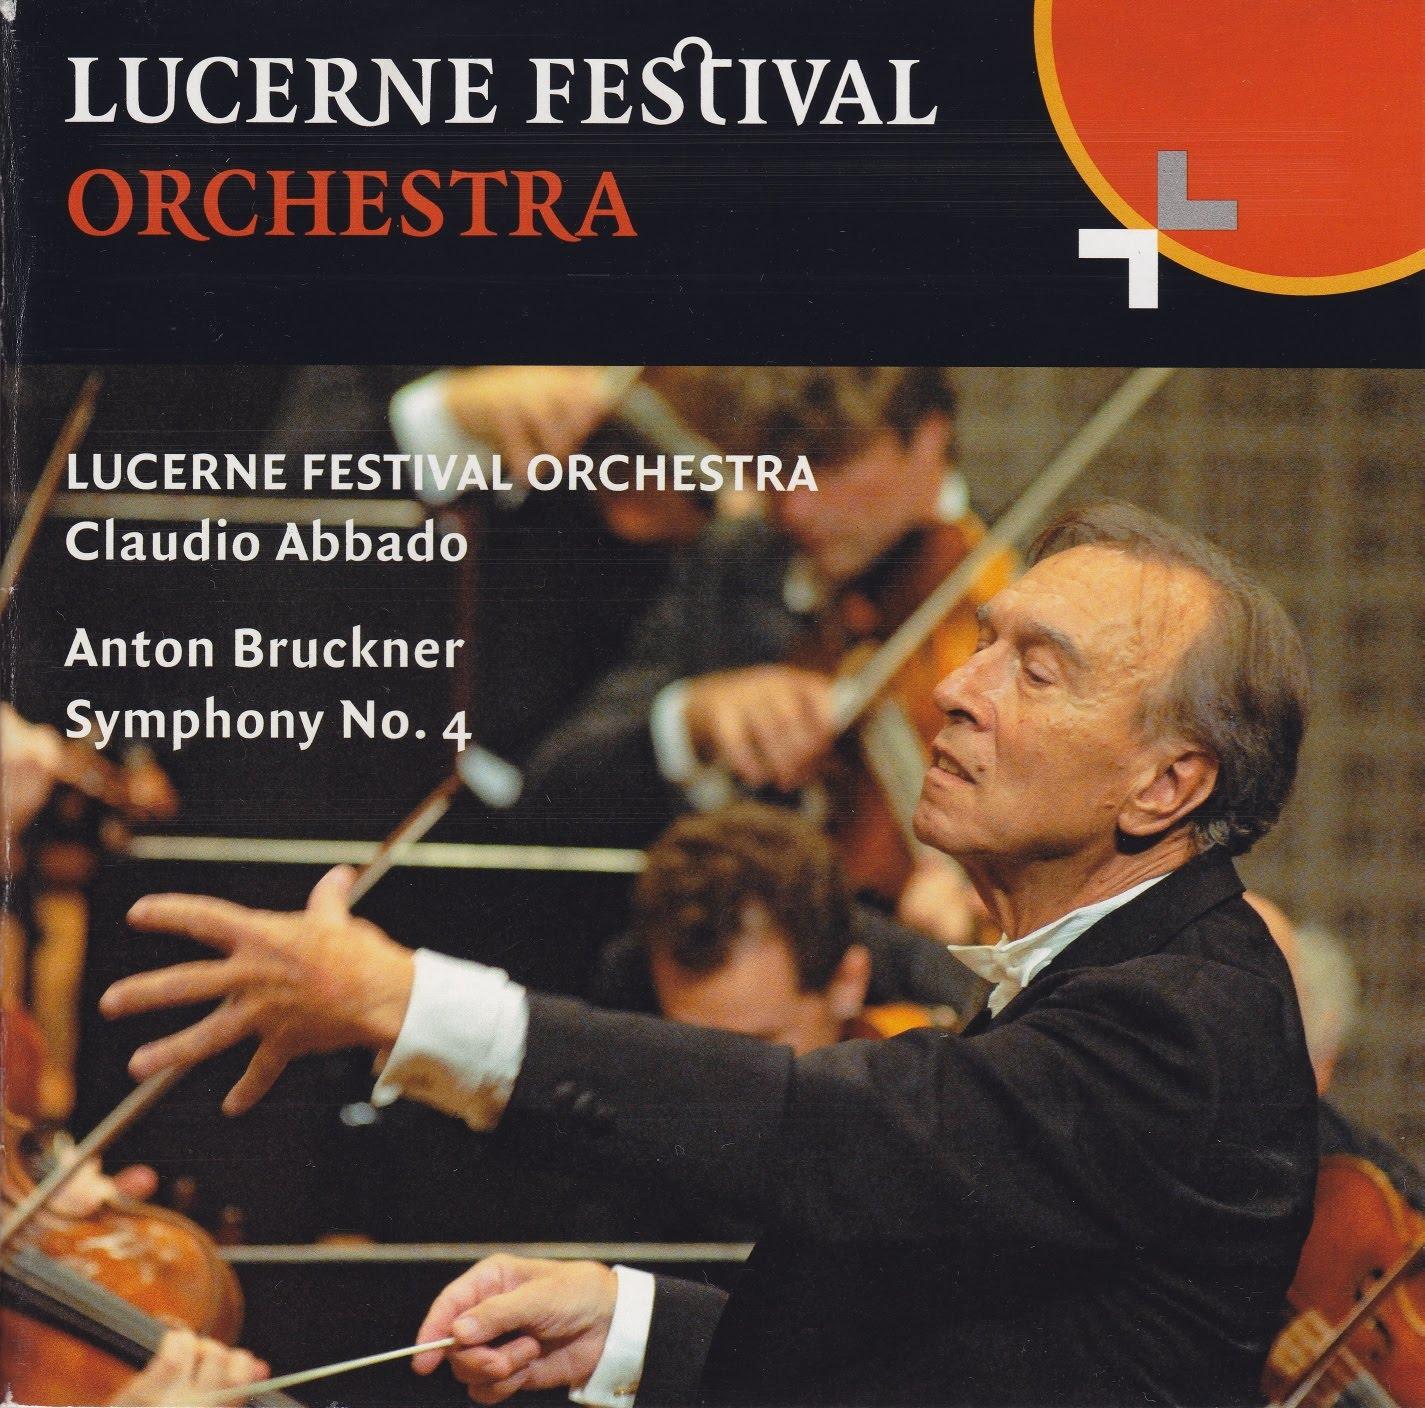 Bruckner - Symphony no 4 - Abbado - Lucerne Festival Orchestra